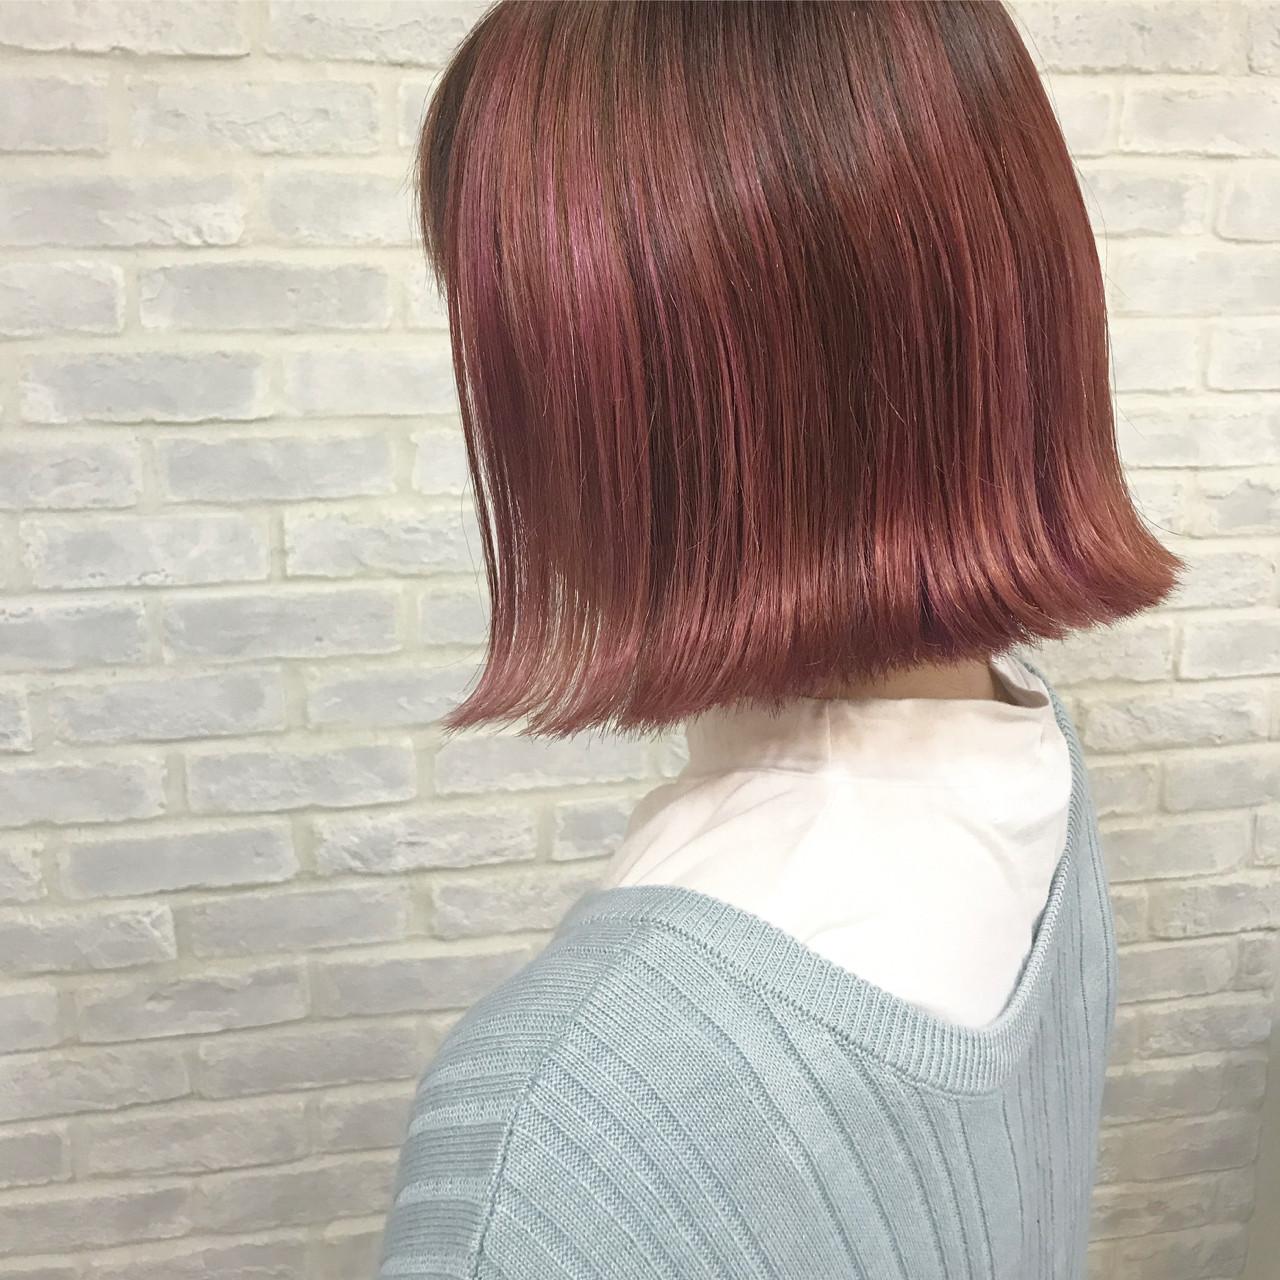 ボブ レッド ピンク ガーリー ヘアスタイルや髪型の写真・画像